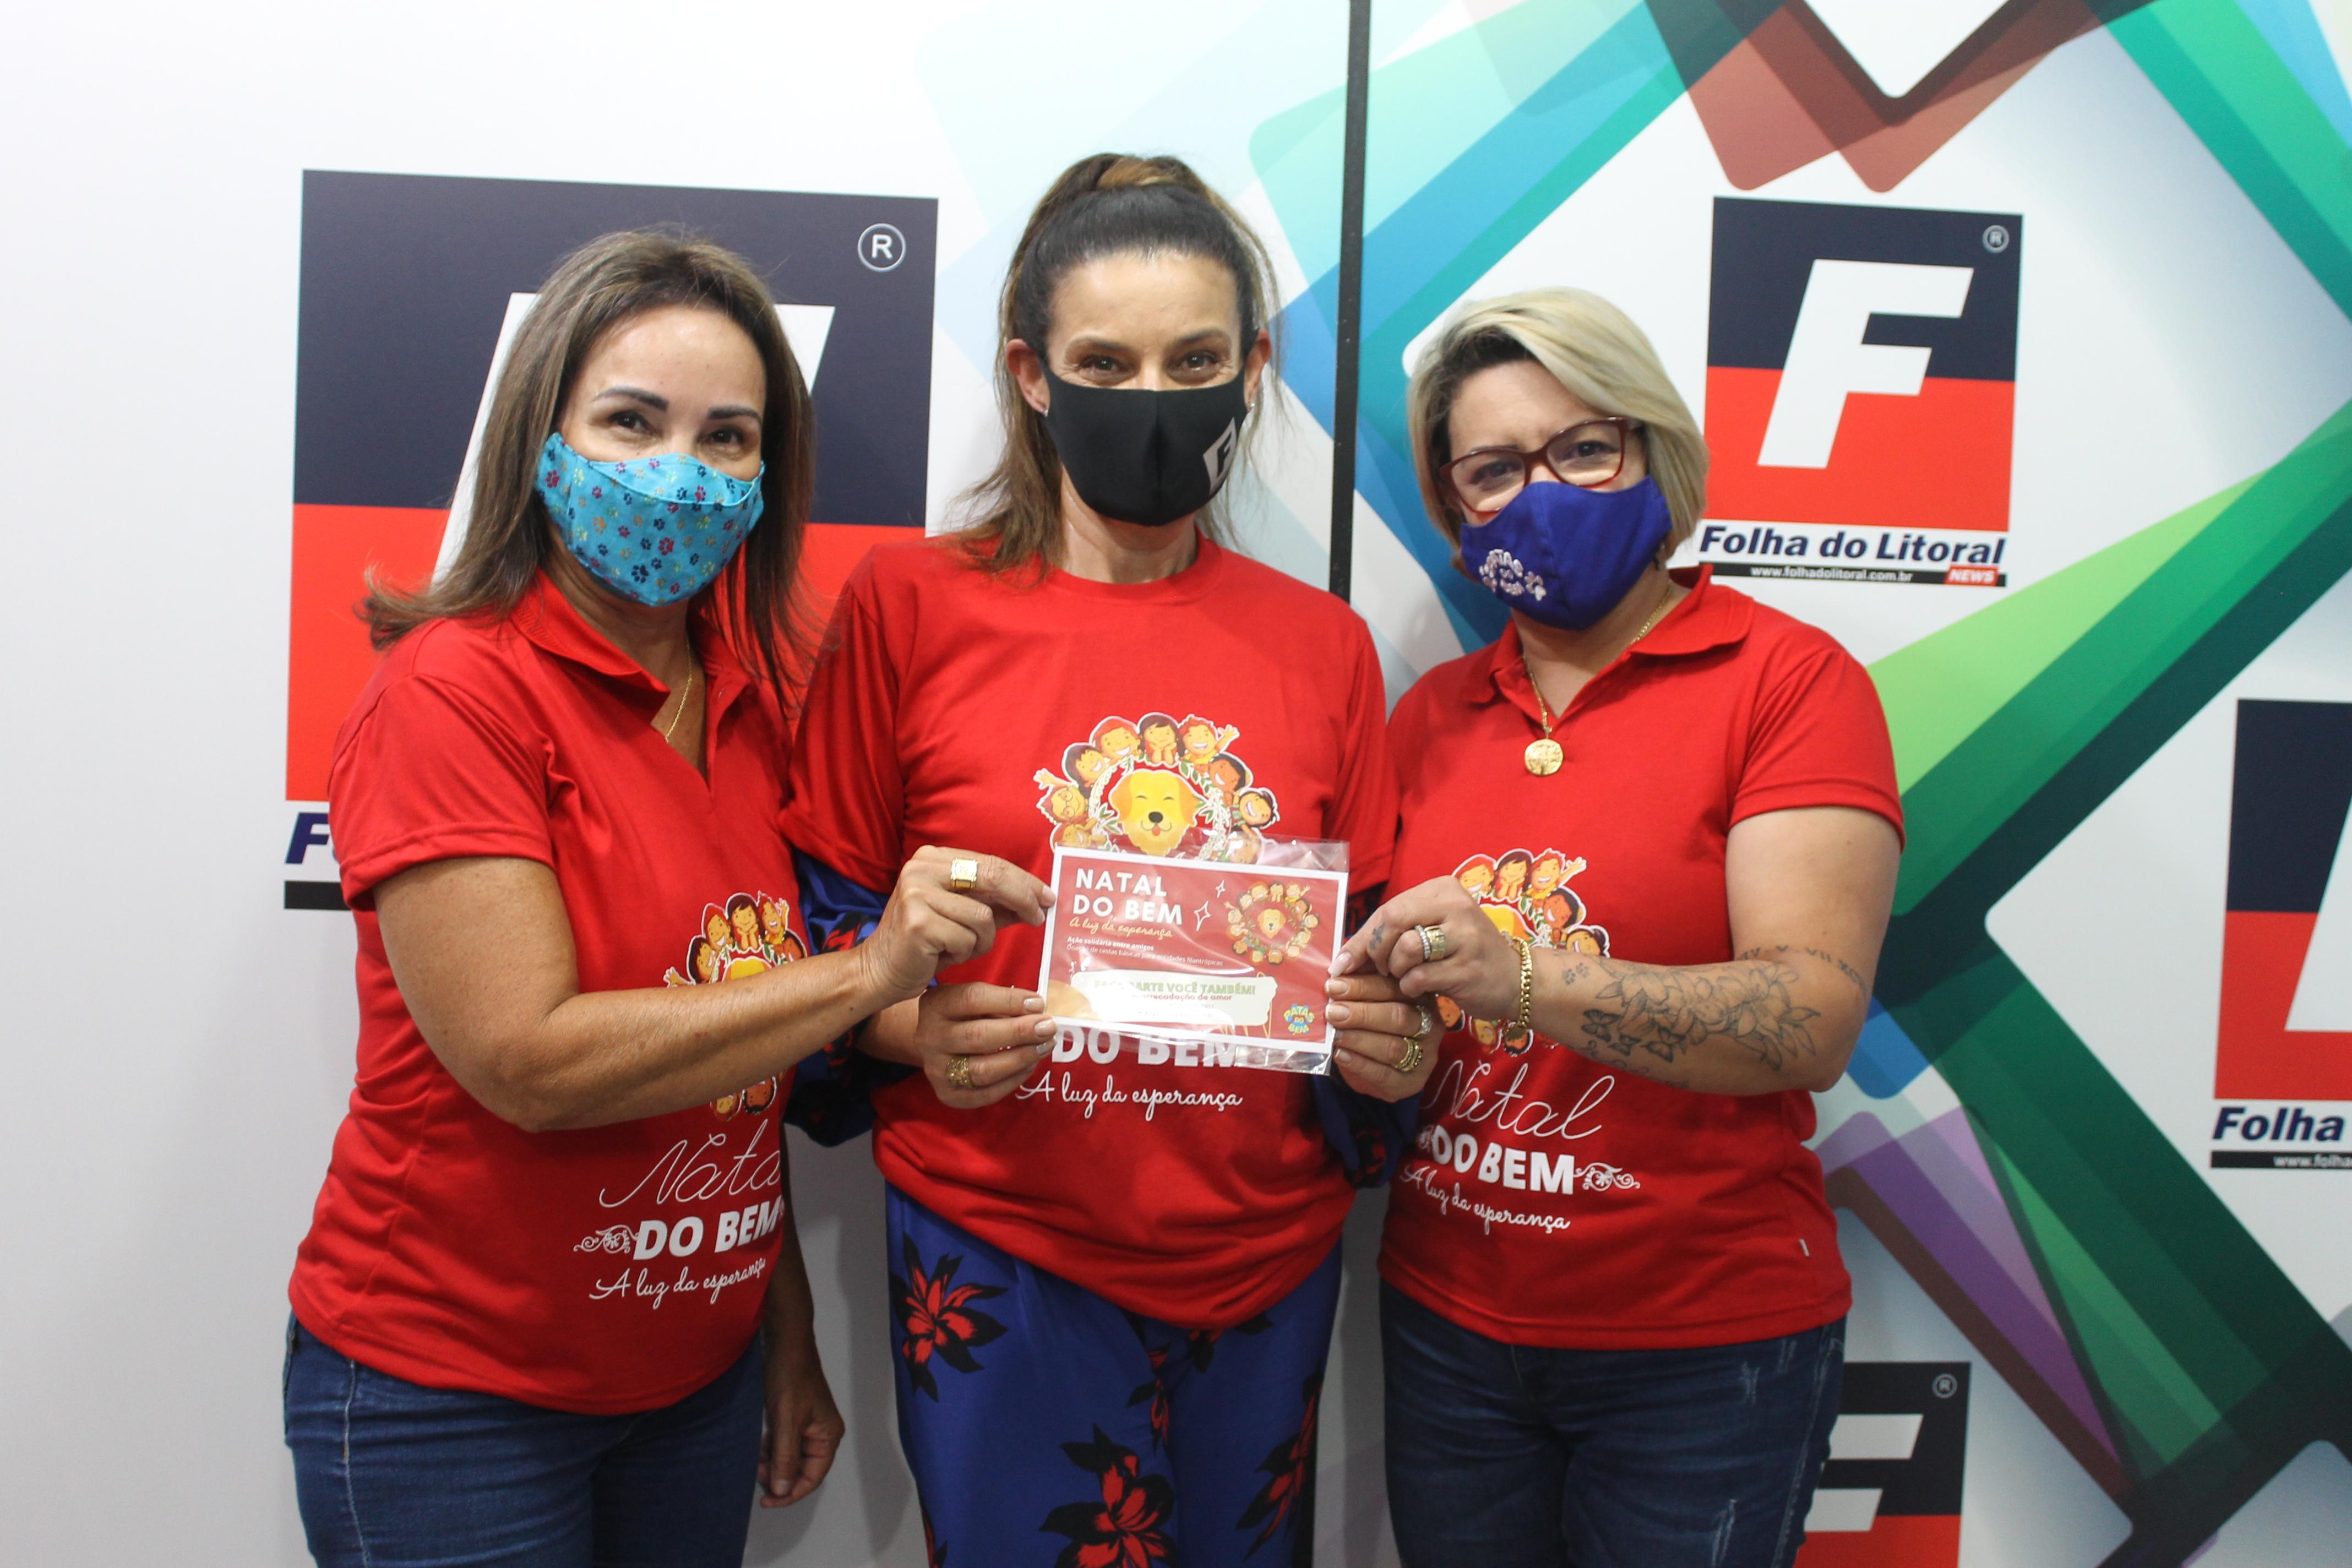 Grupo organiza o Natal do Bem em Paranaguá